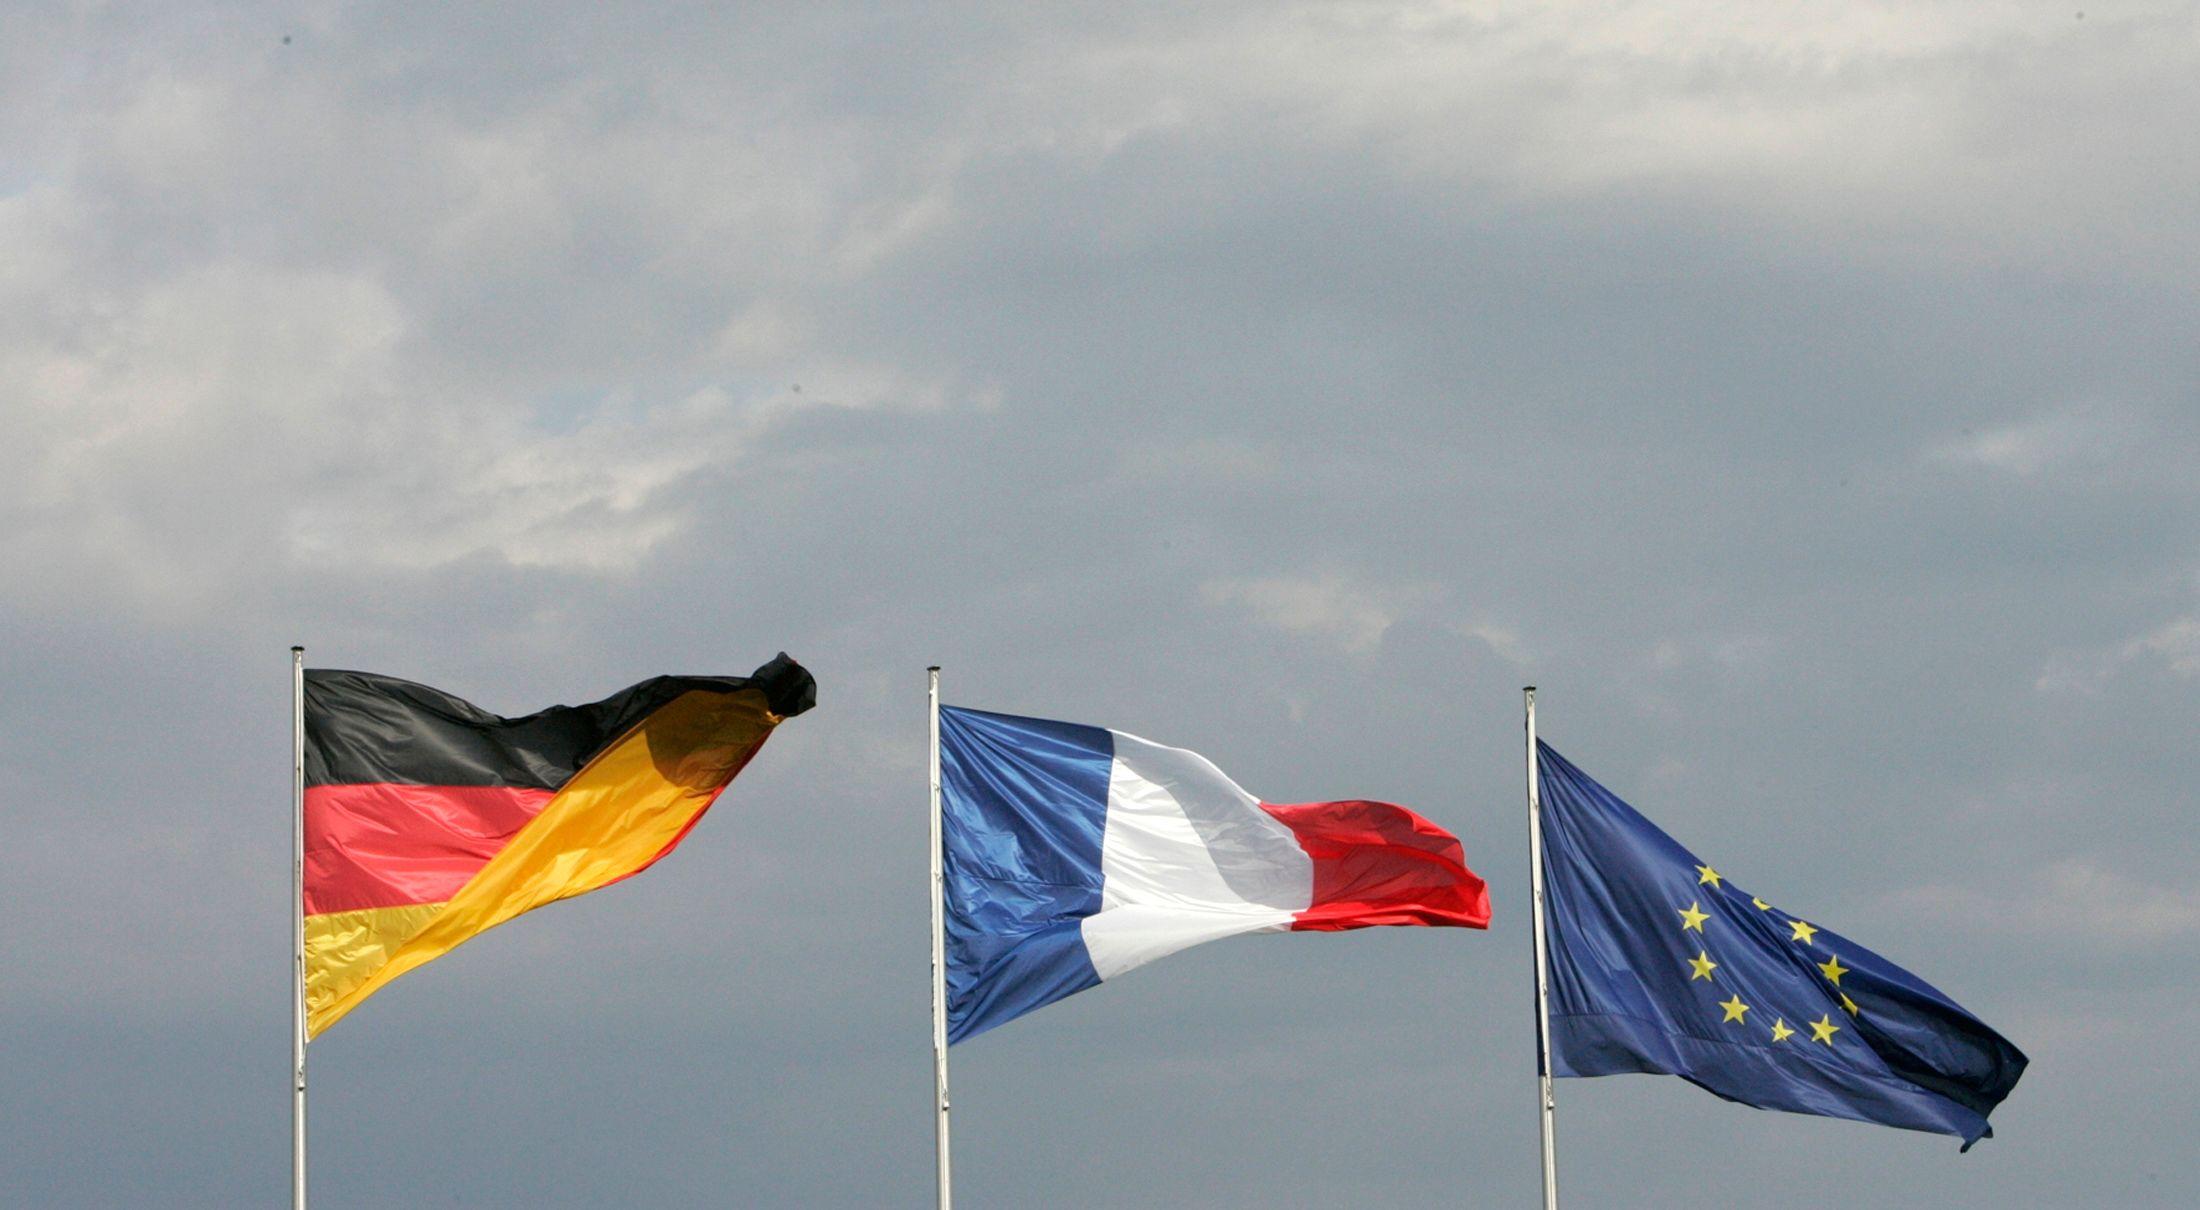 Pourquoi il faudra beaucoup plus qu'un Brexit pour que la France retrouve son influence perdue en Europe